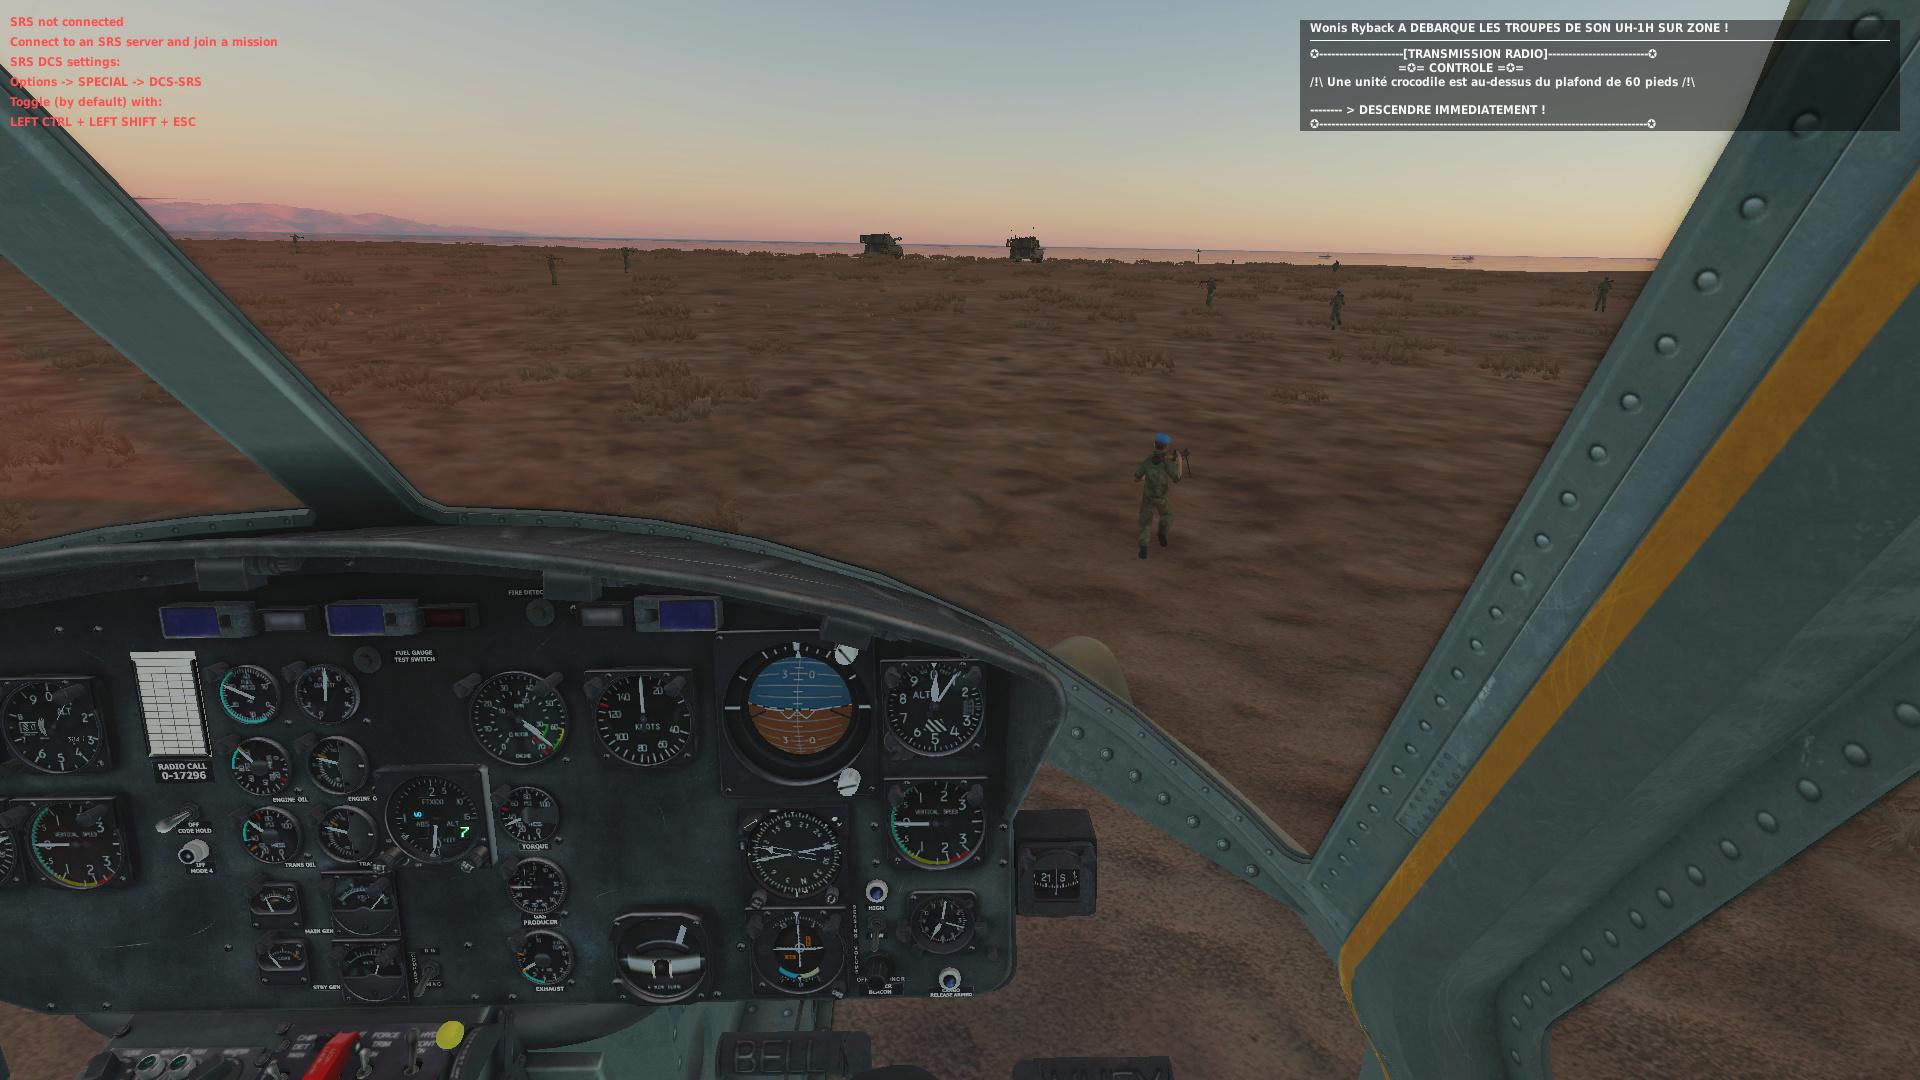 [Cursus UH-1H Huey] Photos de nos missions - Page 2 Screen16